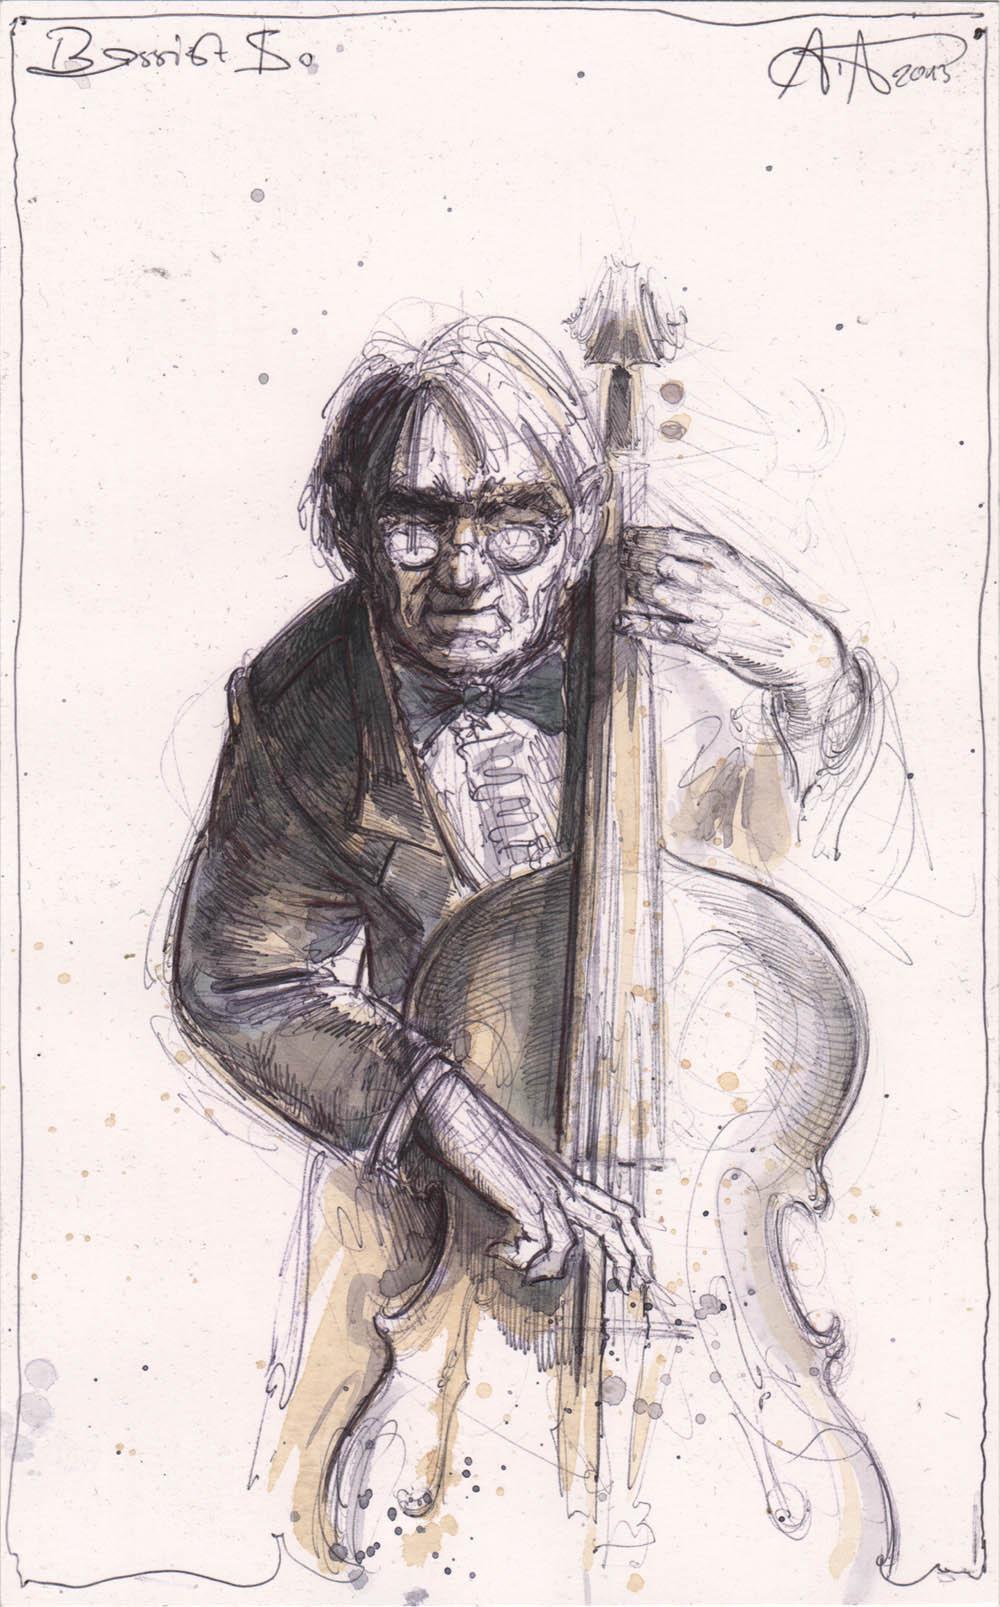 Bassist I.